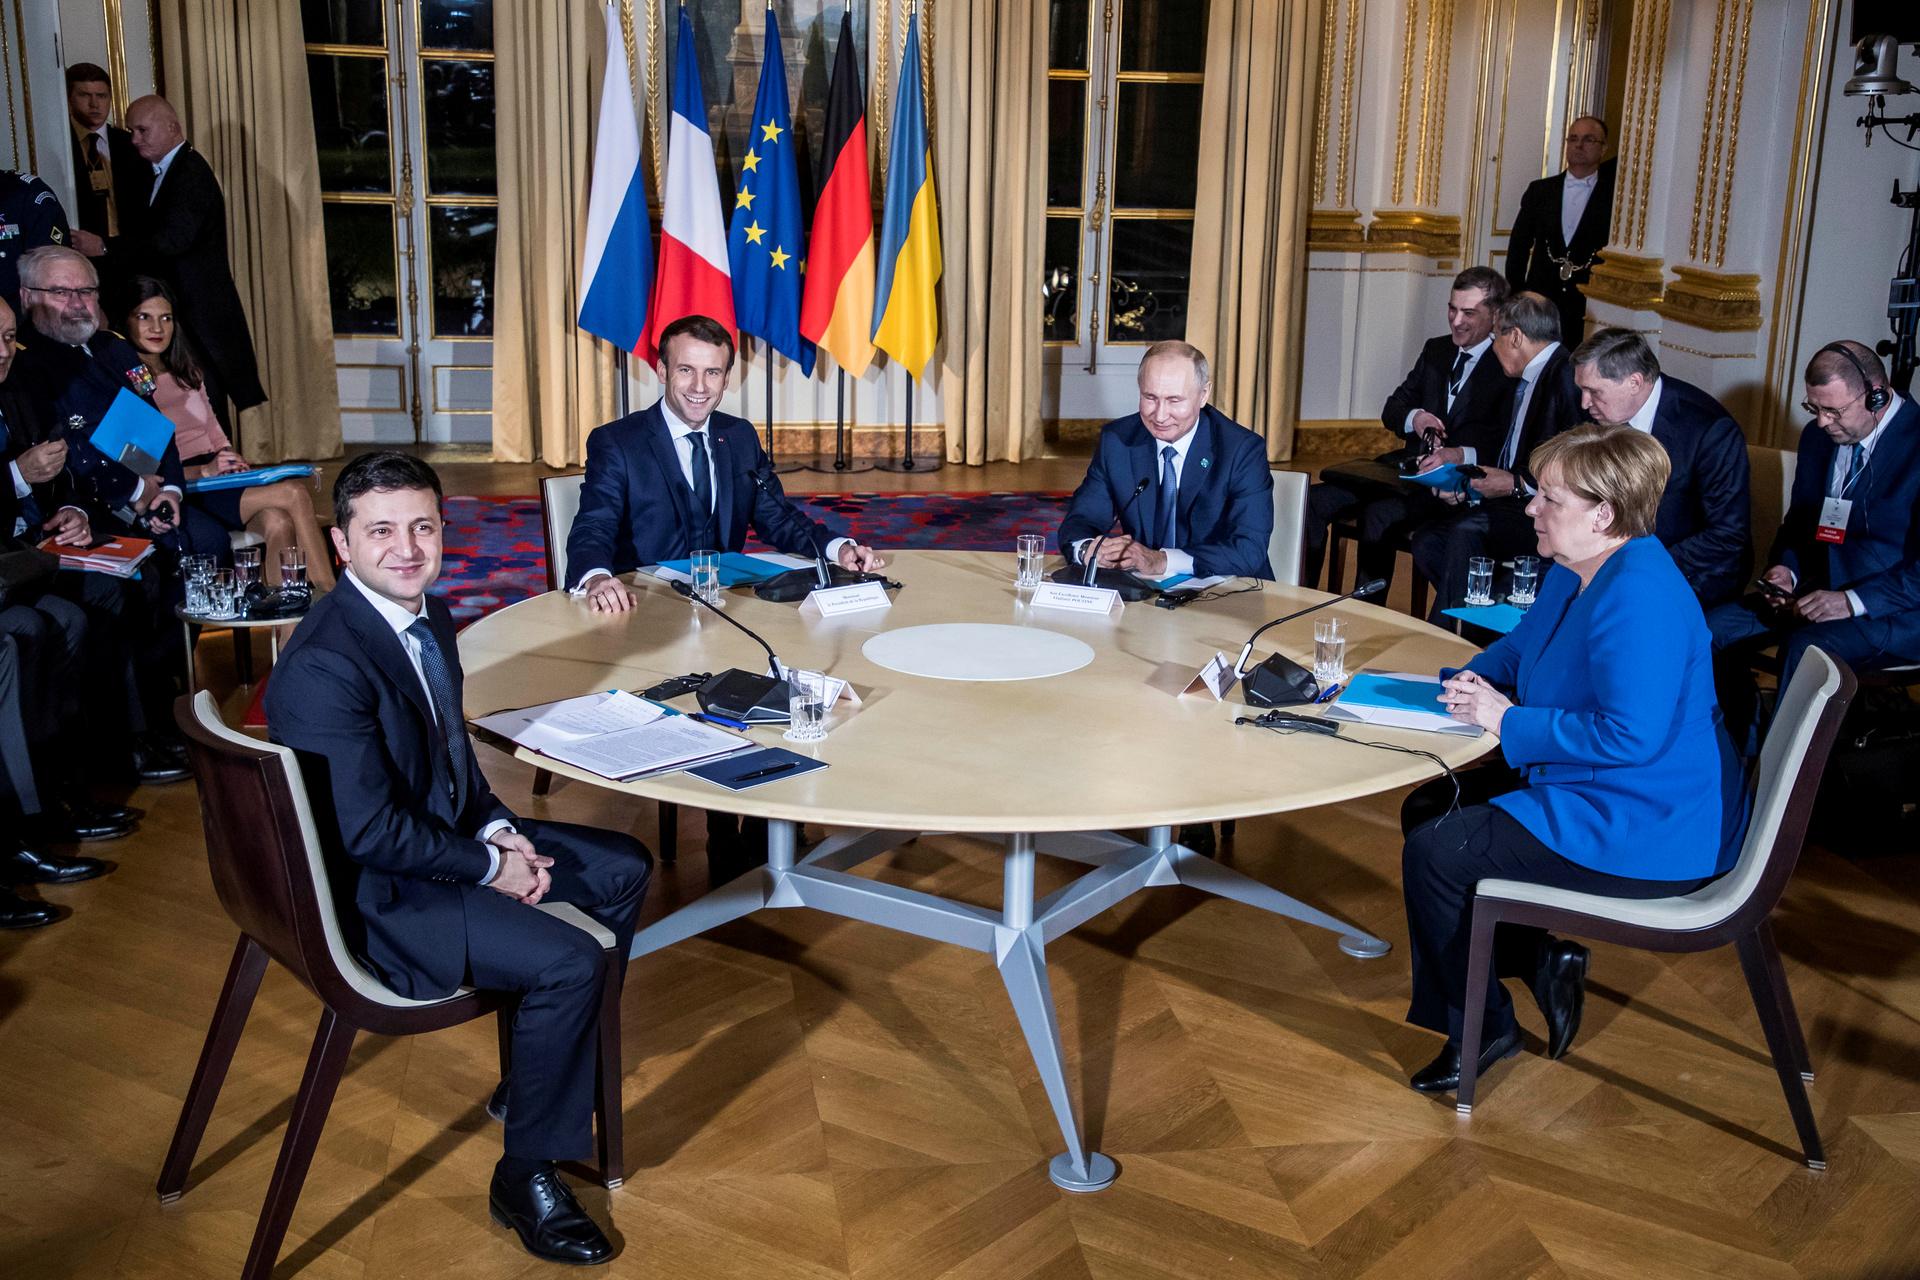 «План Украины бесперспективен»: что стоит за заявлением Генсека ООН о поддержке Минских соглашений1